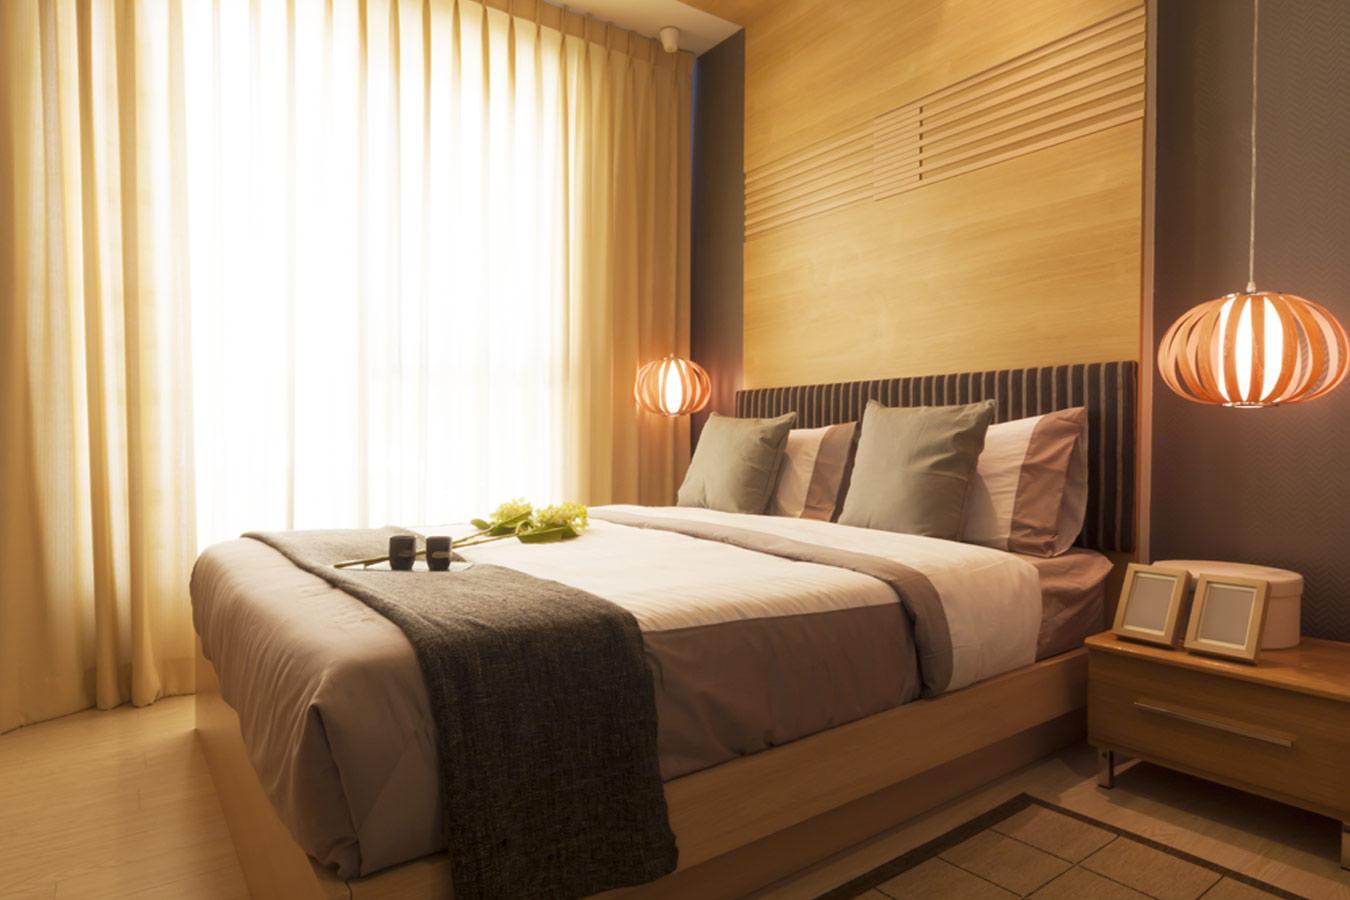 landelijke slaapkamer ideeën  inspiratie, Meubels Ideeën